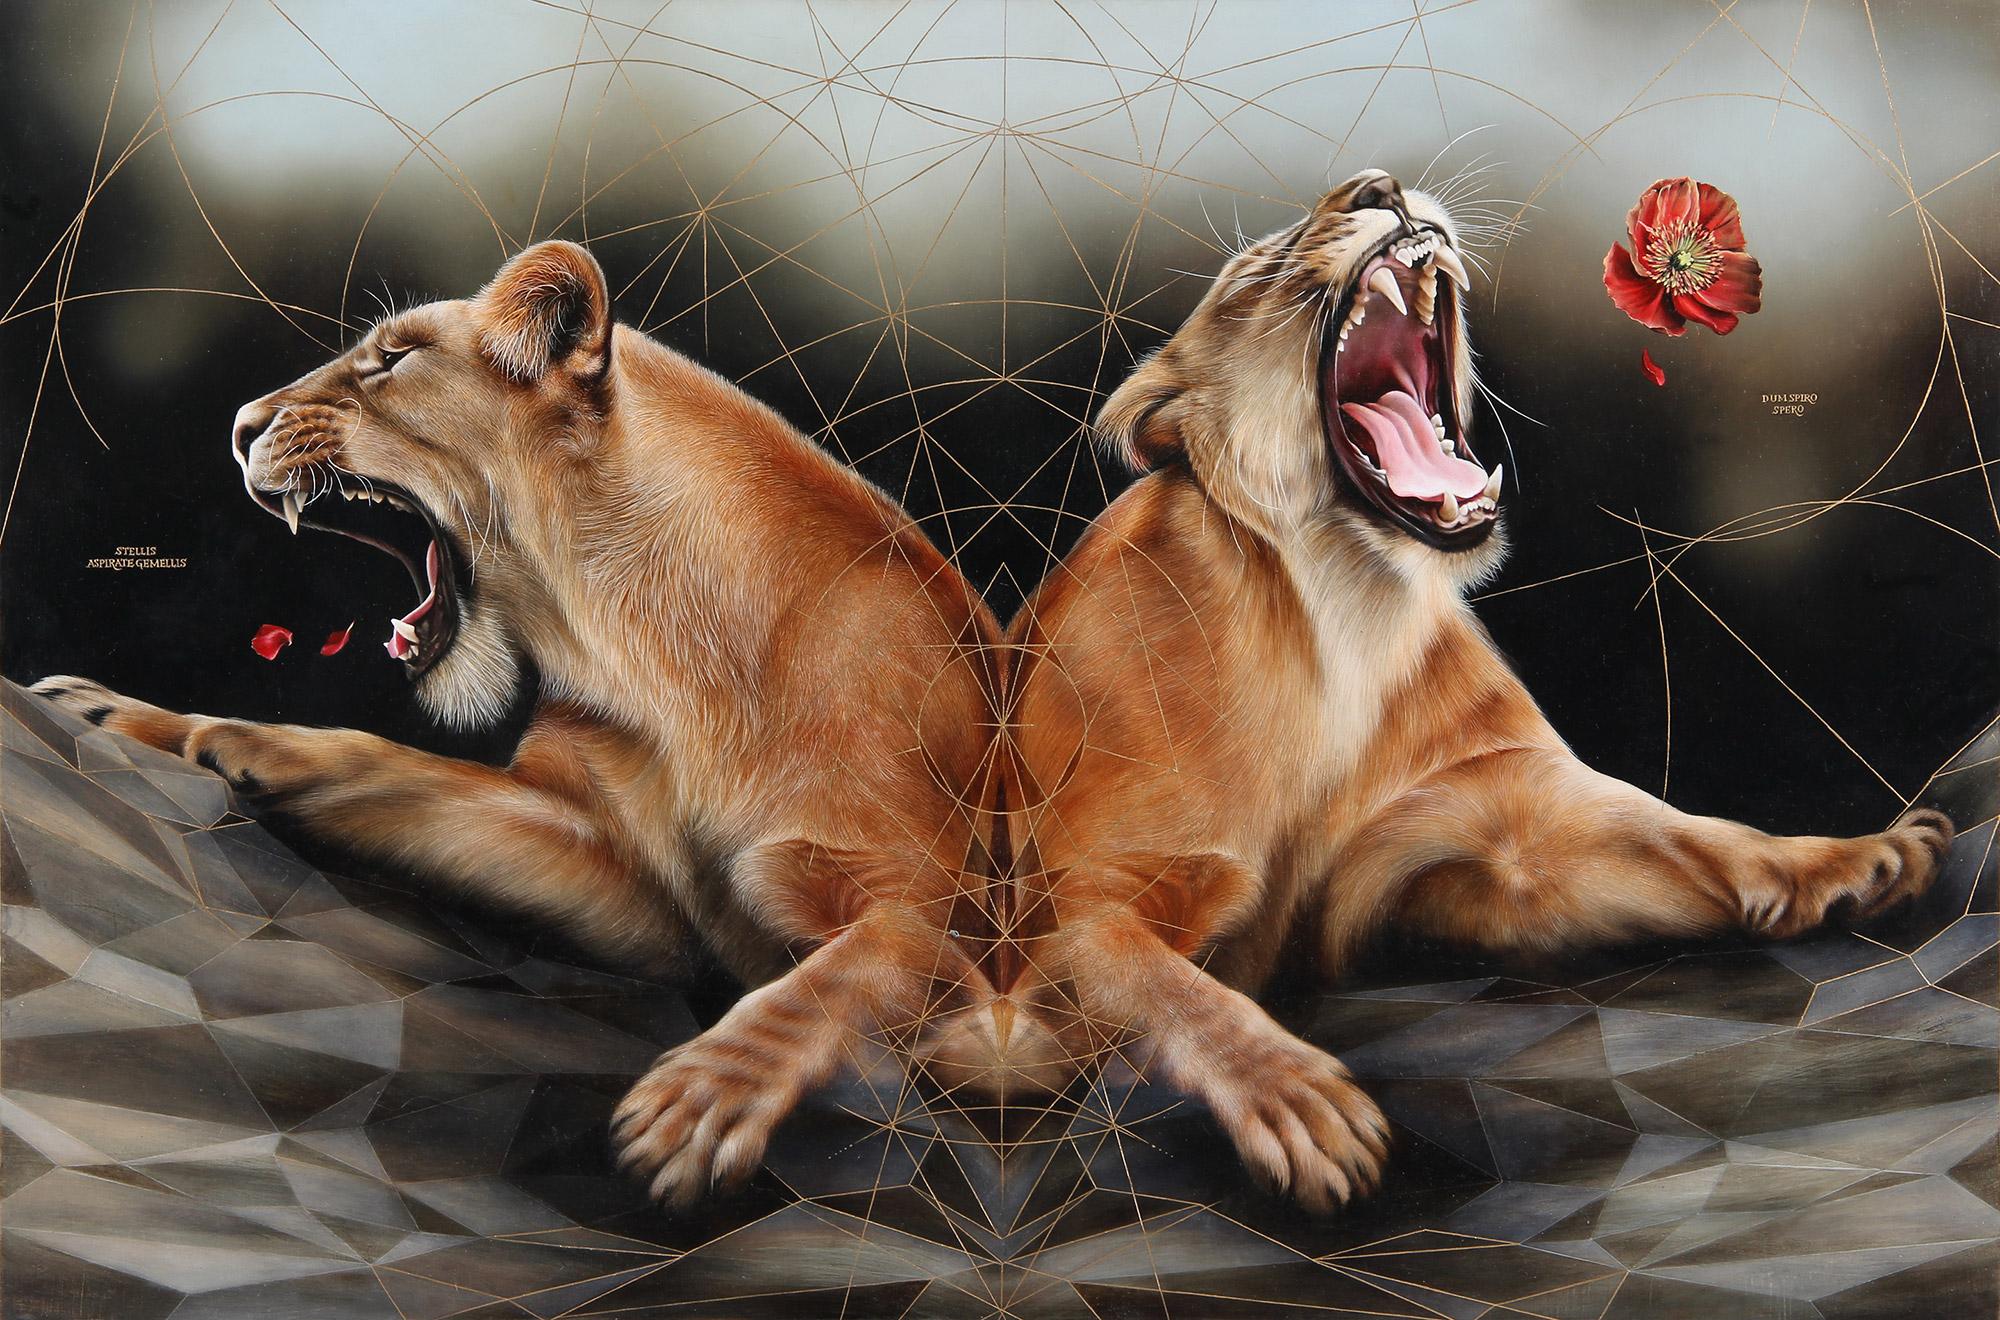 Josie Morway - Stellis, lions